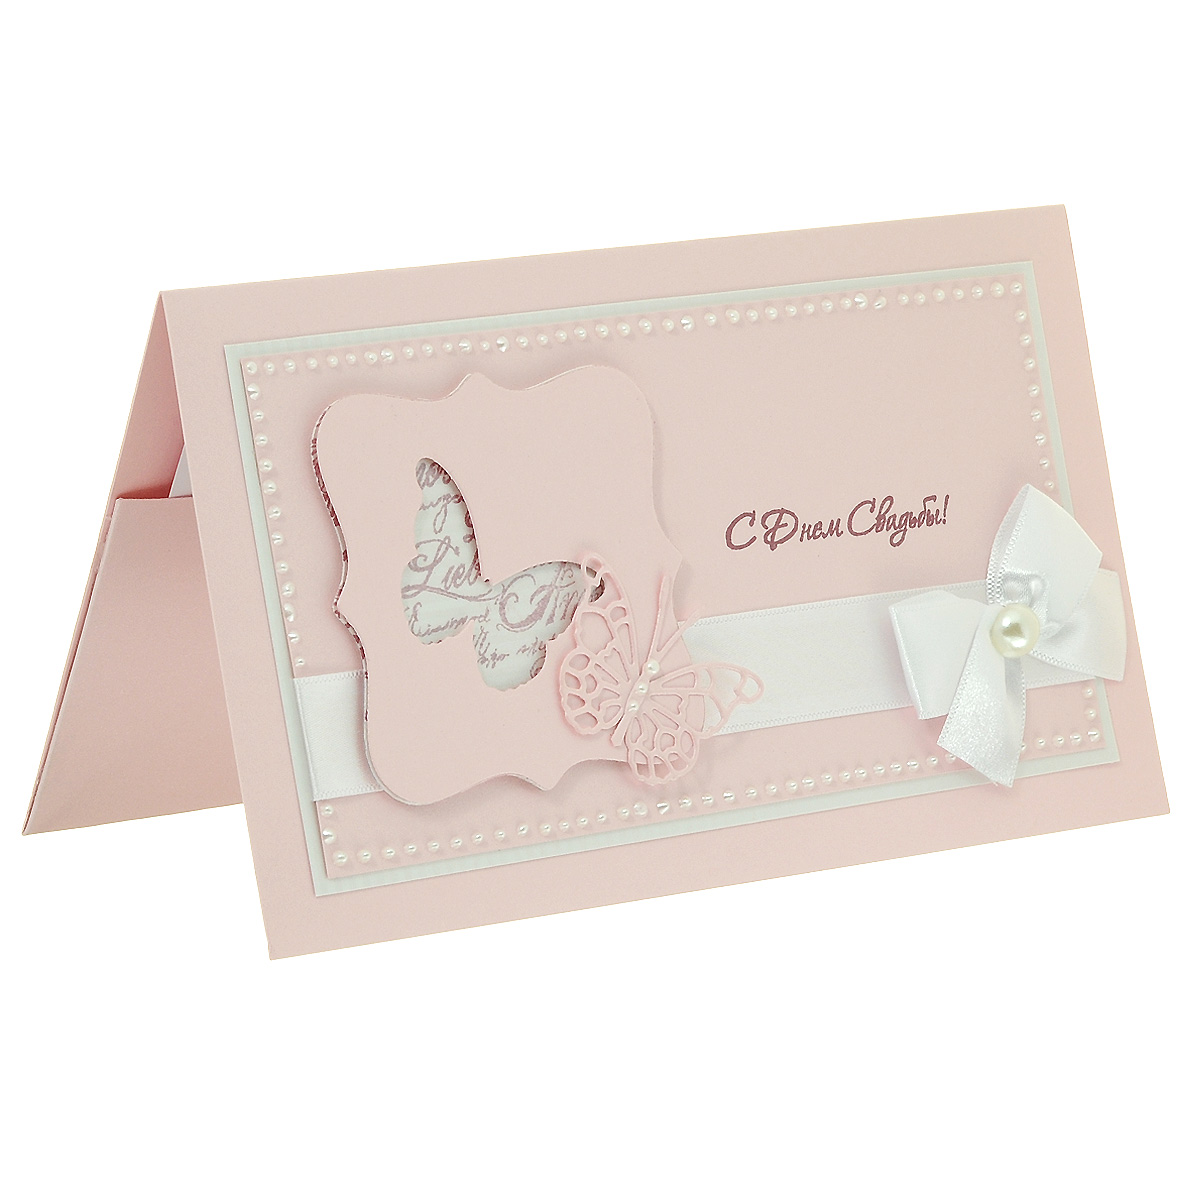 ОСВ-0005 Открытка-конверт «С Днём Свадьбы!». Студия «Тётя Роза»94537Характеристики: Размер 19 см x 11 см.Материал: Высоко-художественный картон, бумага, декор. Данная открытка может стать как прекрасным дополнением к вашему подарку, так и самостоятельным подарком. Так как открытка является и конвертом, в который вы можете вложить ваш денежный подарок или просто написать ваши пожелания на вкладыше. Очень нежное поздравление выполнено в чистых розовых тонах. Многослойность решения фасадной части эффектно подчеркнуто цепочкой жемчужных полубусинок по краю. Ажурная бабочка нежно смотрится на открытке. Декорирована открытка белой атласной лентой с бантиком и жемчужинкой. Также открытка упакована в пакетик для сохранности.Обращаем Ваше внимание на то, что открытка может незначительно отличаться от представленной на фото.Открытки ручной работы от студии Тётя Роза отличаются своим неповторимым и ярким стилем. Каждая уникальна и выполнена вручную мастерами студии. (Открытка для мужчин, открытка для женщины, открытка на день рождения, открытка с днем свадьбы, открытка винтаж, открытка с юбилеем, открытка на все случаи, скрапбукинг)